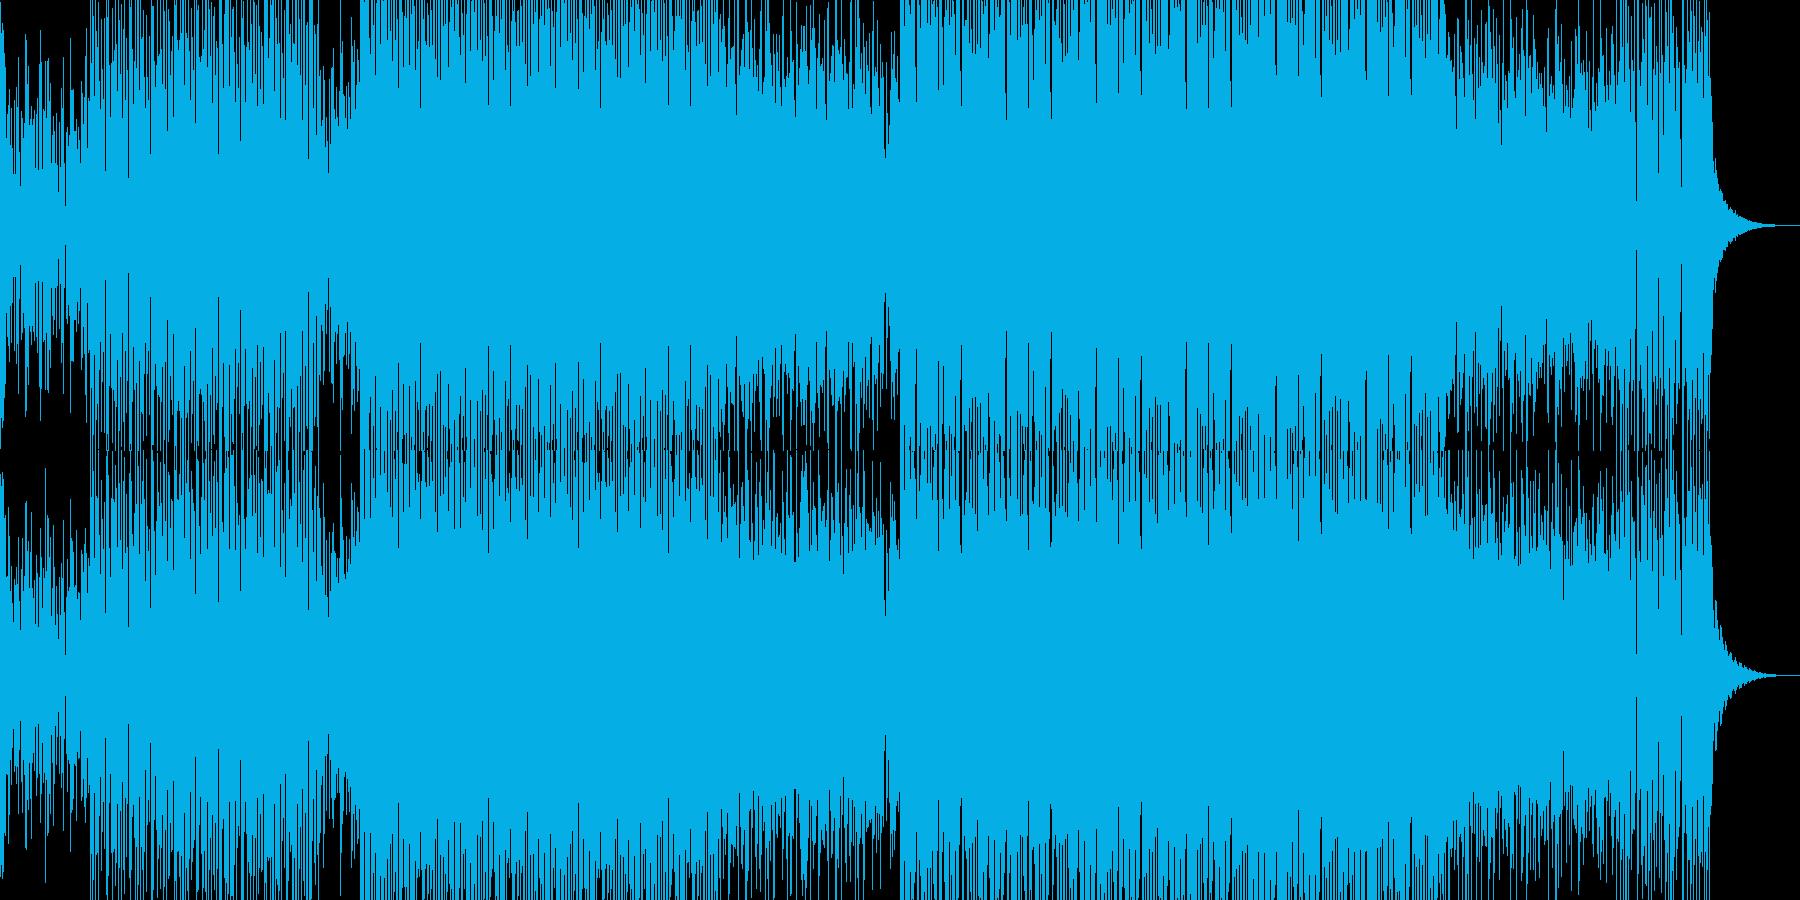 明るいダンス用BGM1の再生済みの波形